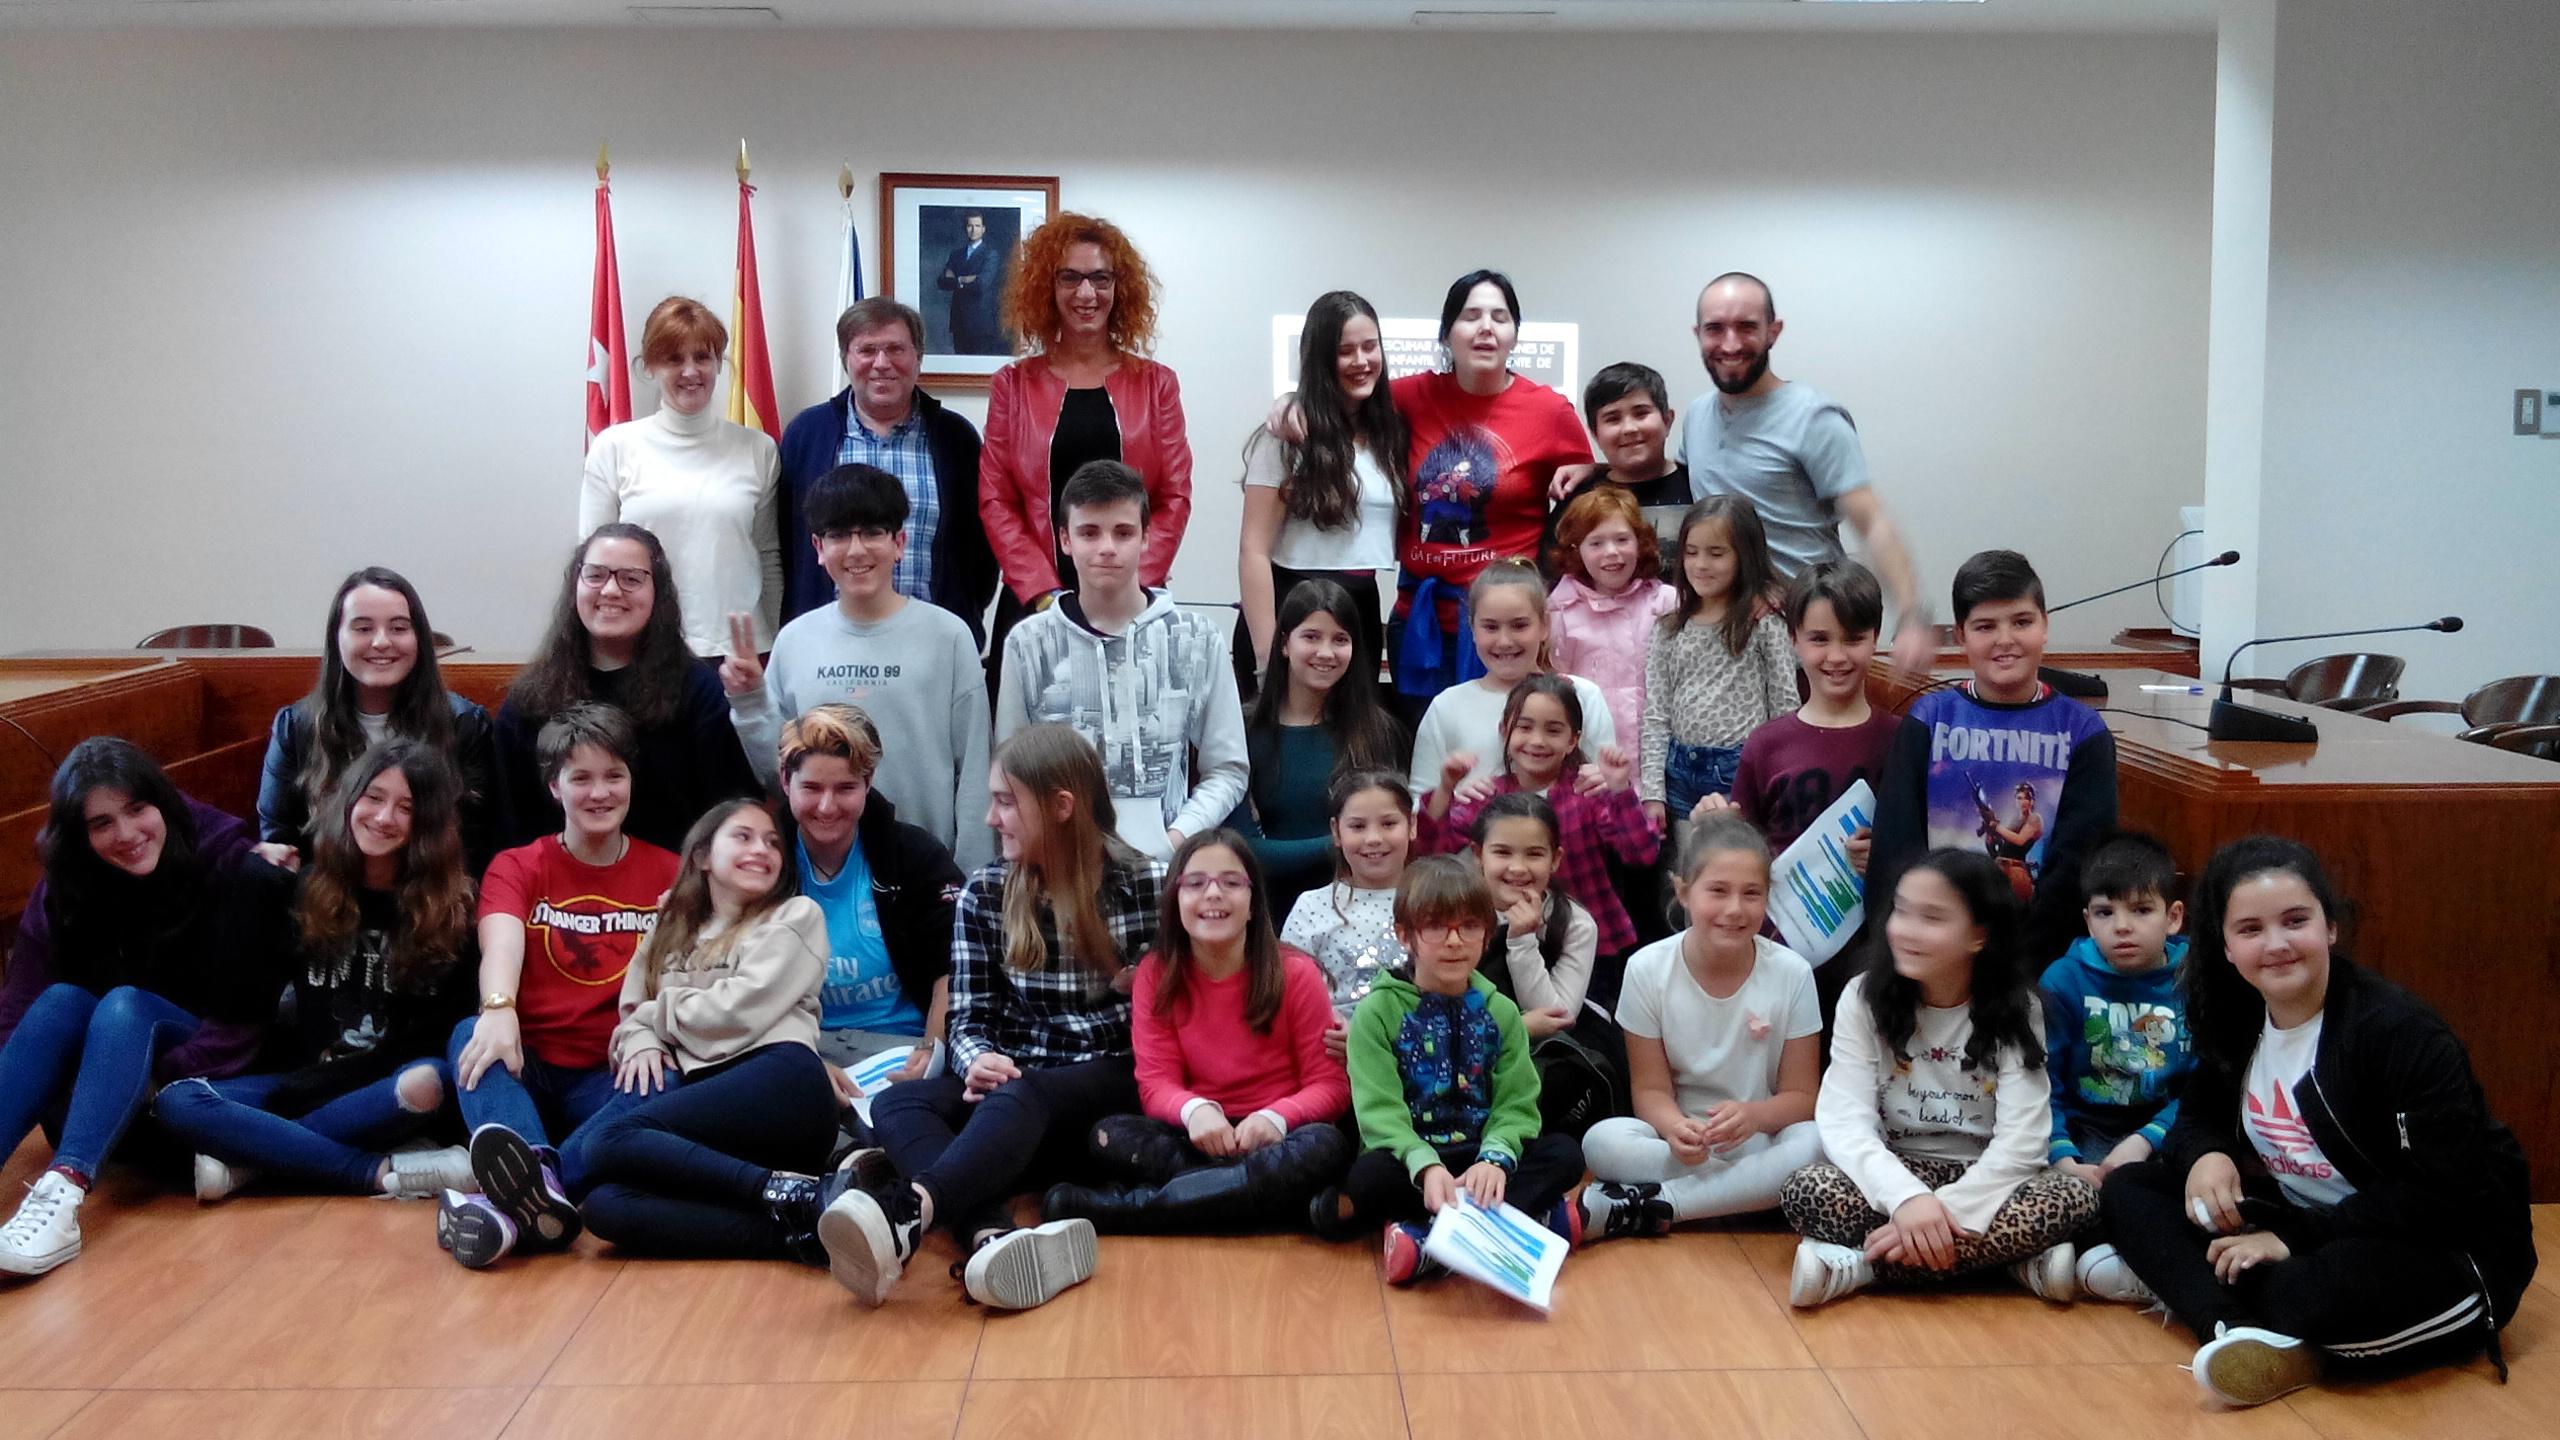 El viernes 5 de abril las comisiones de participación infantil y juvenil se reunieron con la alcaldesa y concejales de Velilla en el salón de plenos del Ayuntamiento